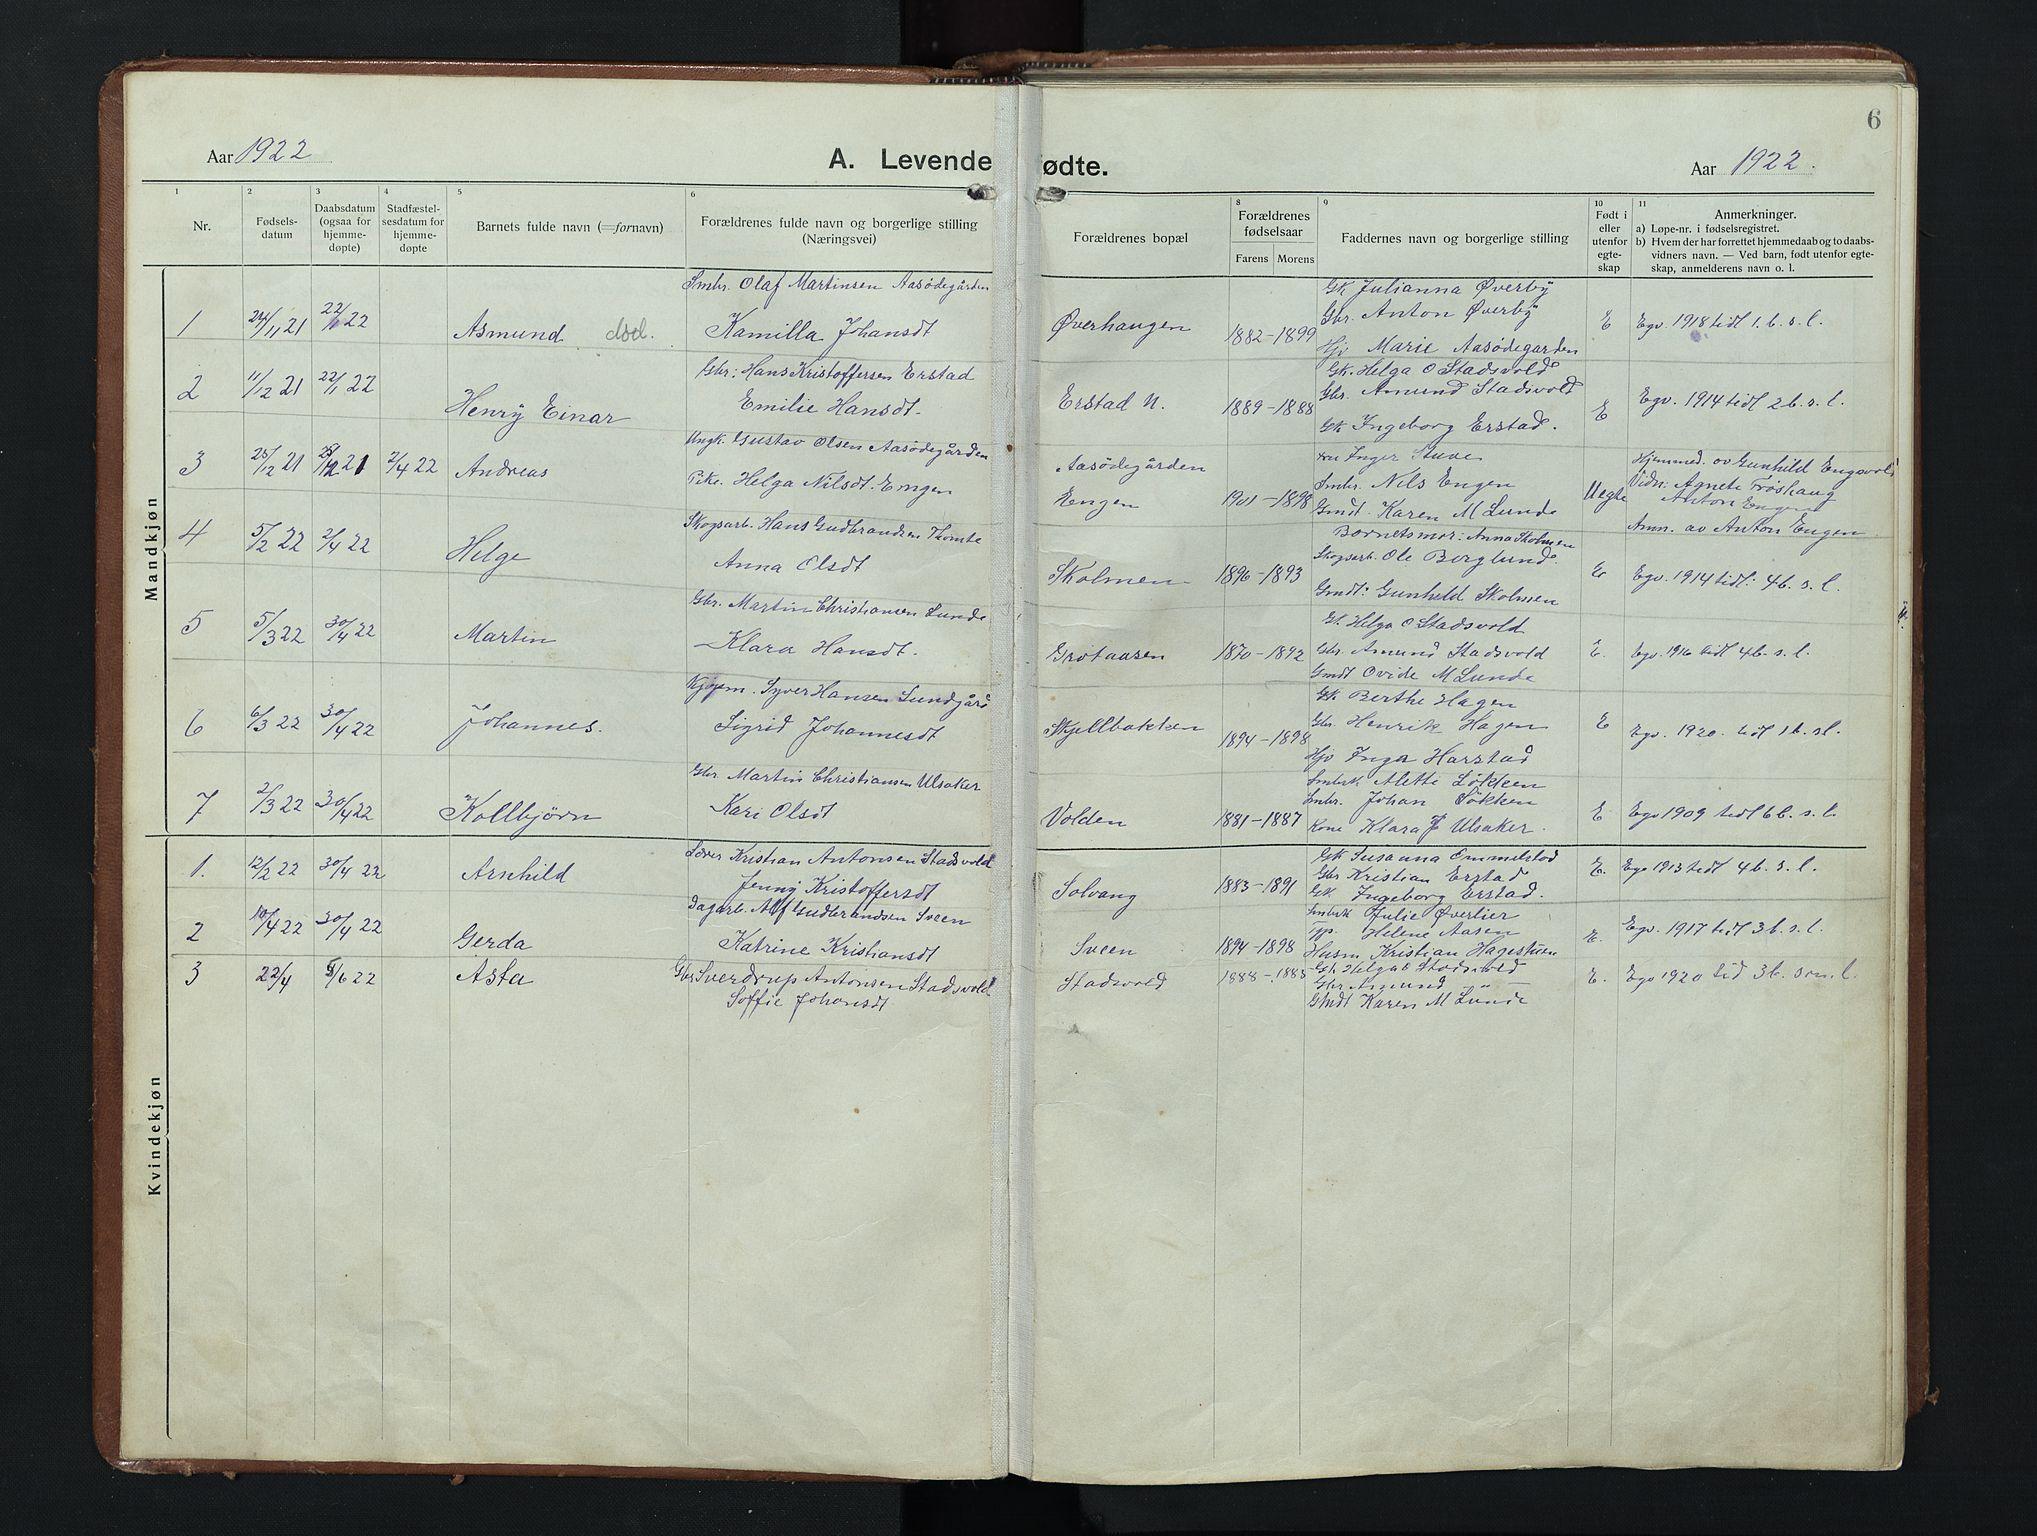 SAH, Nordre Land prestekontor, Klokkerbok nr. 9, 1921-1956, s. 6